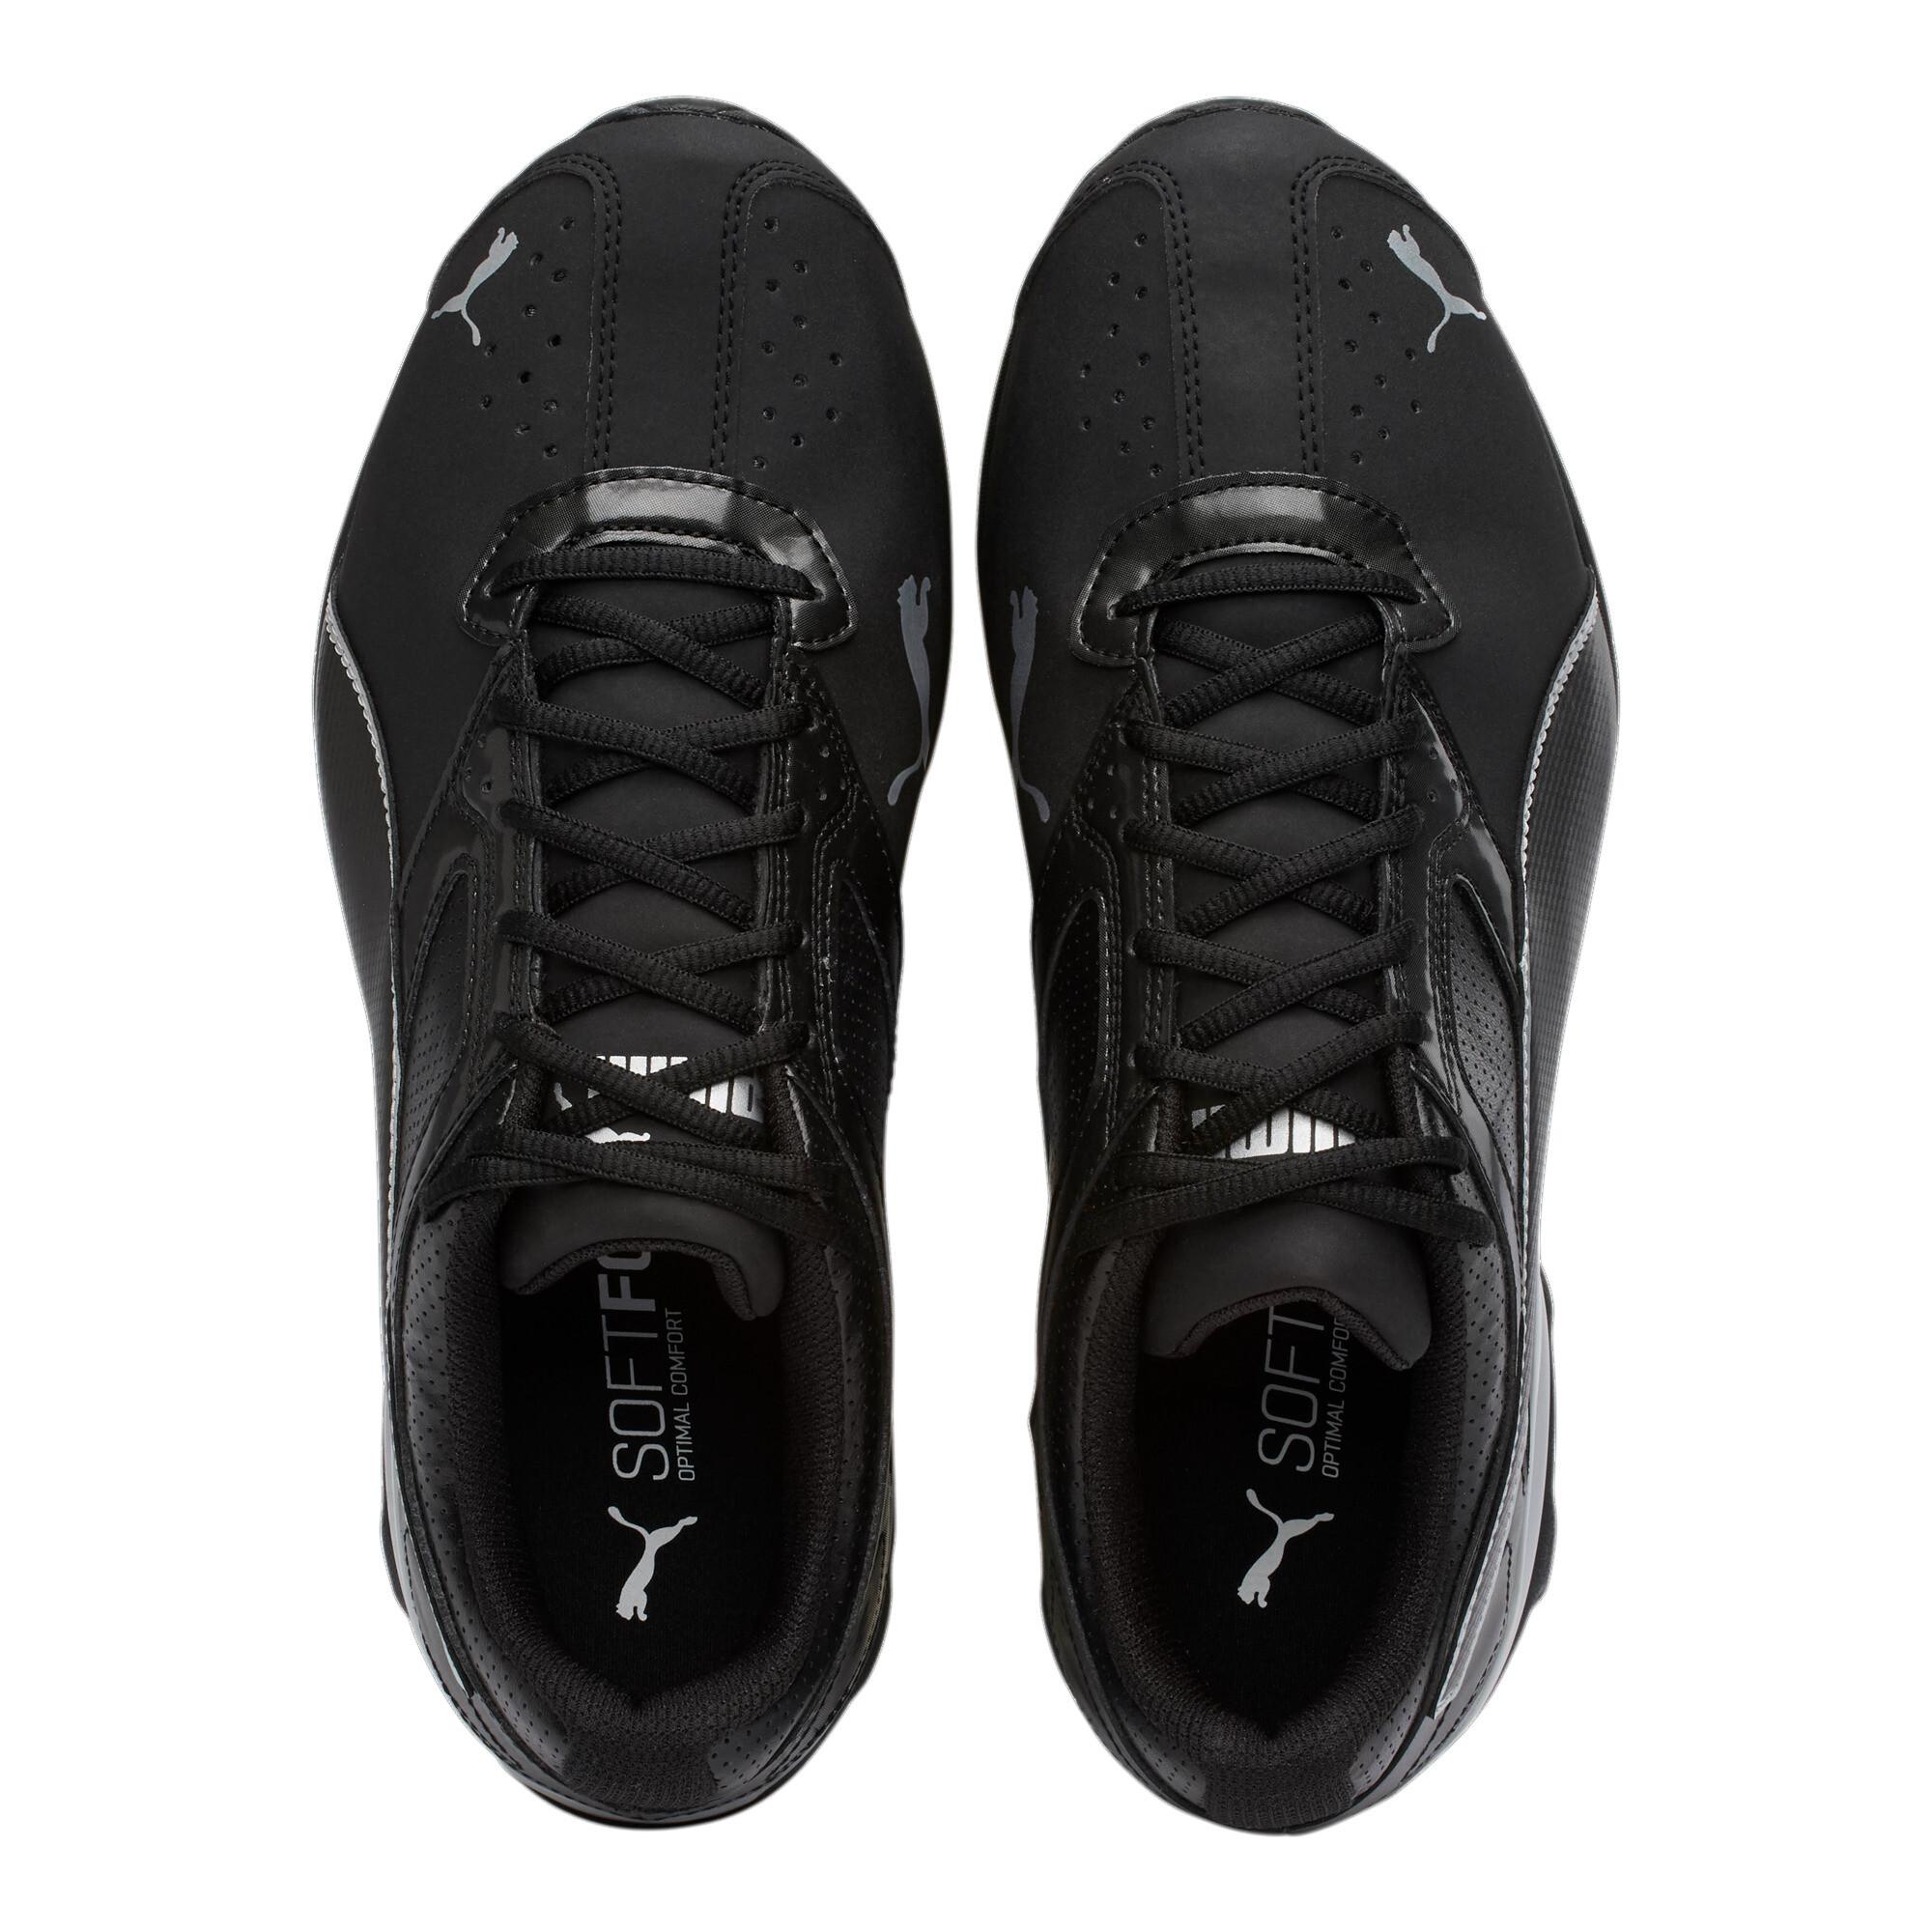 PUMA-Men-039-s-Tazon-6-FM-Sneakers thumbnail 16